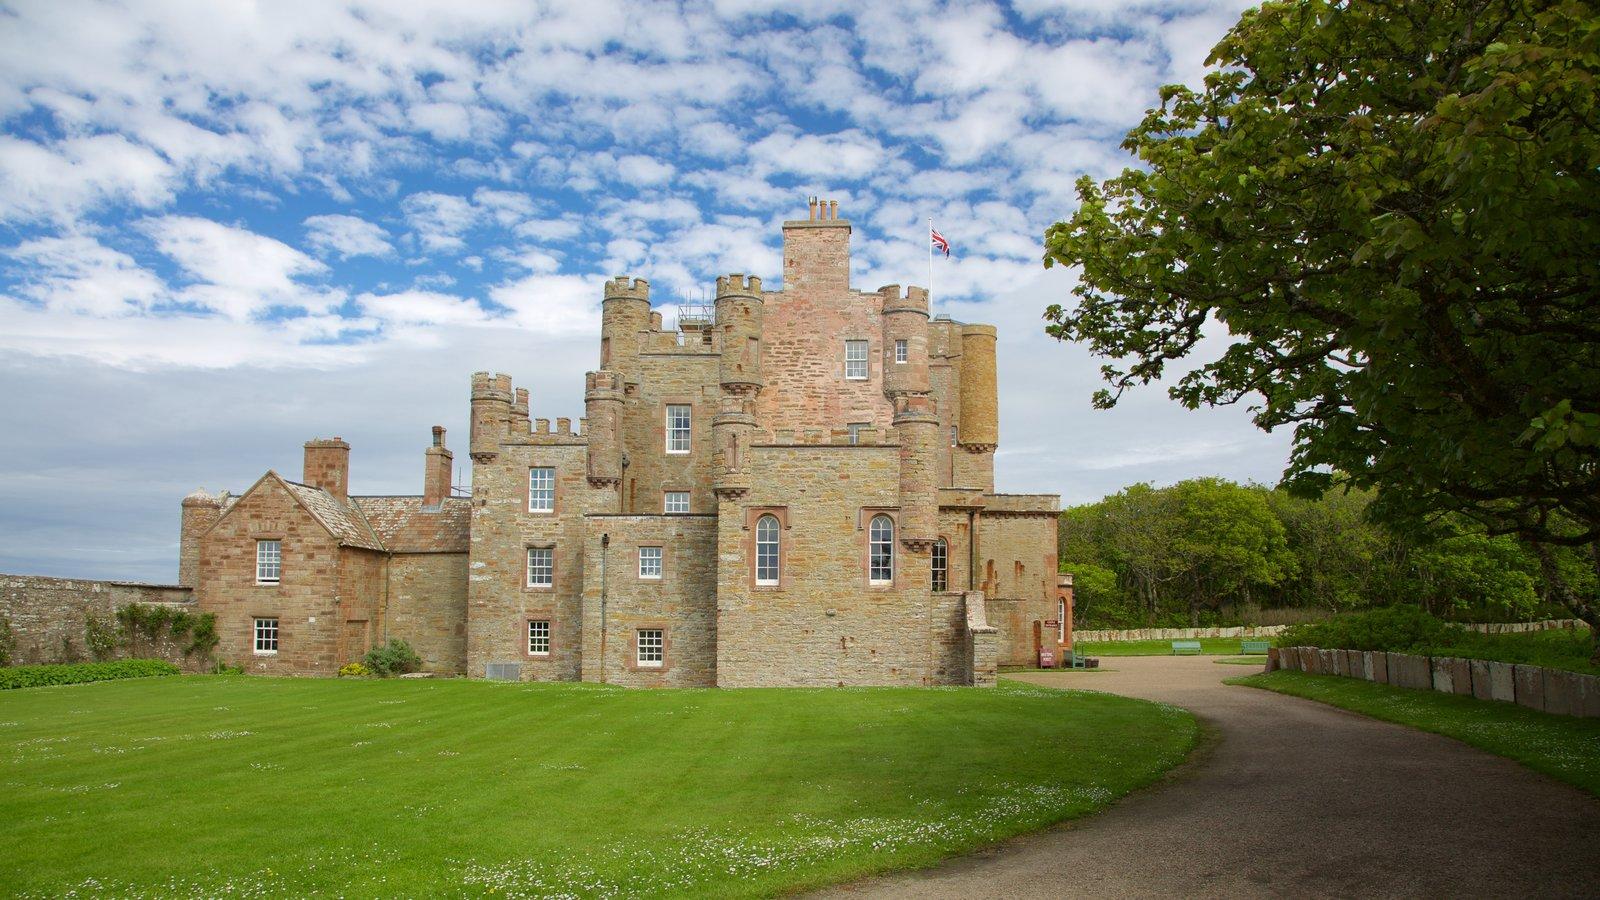 Castelo de Mey caracterizando um castelo, elementos de patrimônio e arquitetura de patrimônio